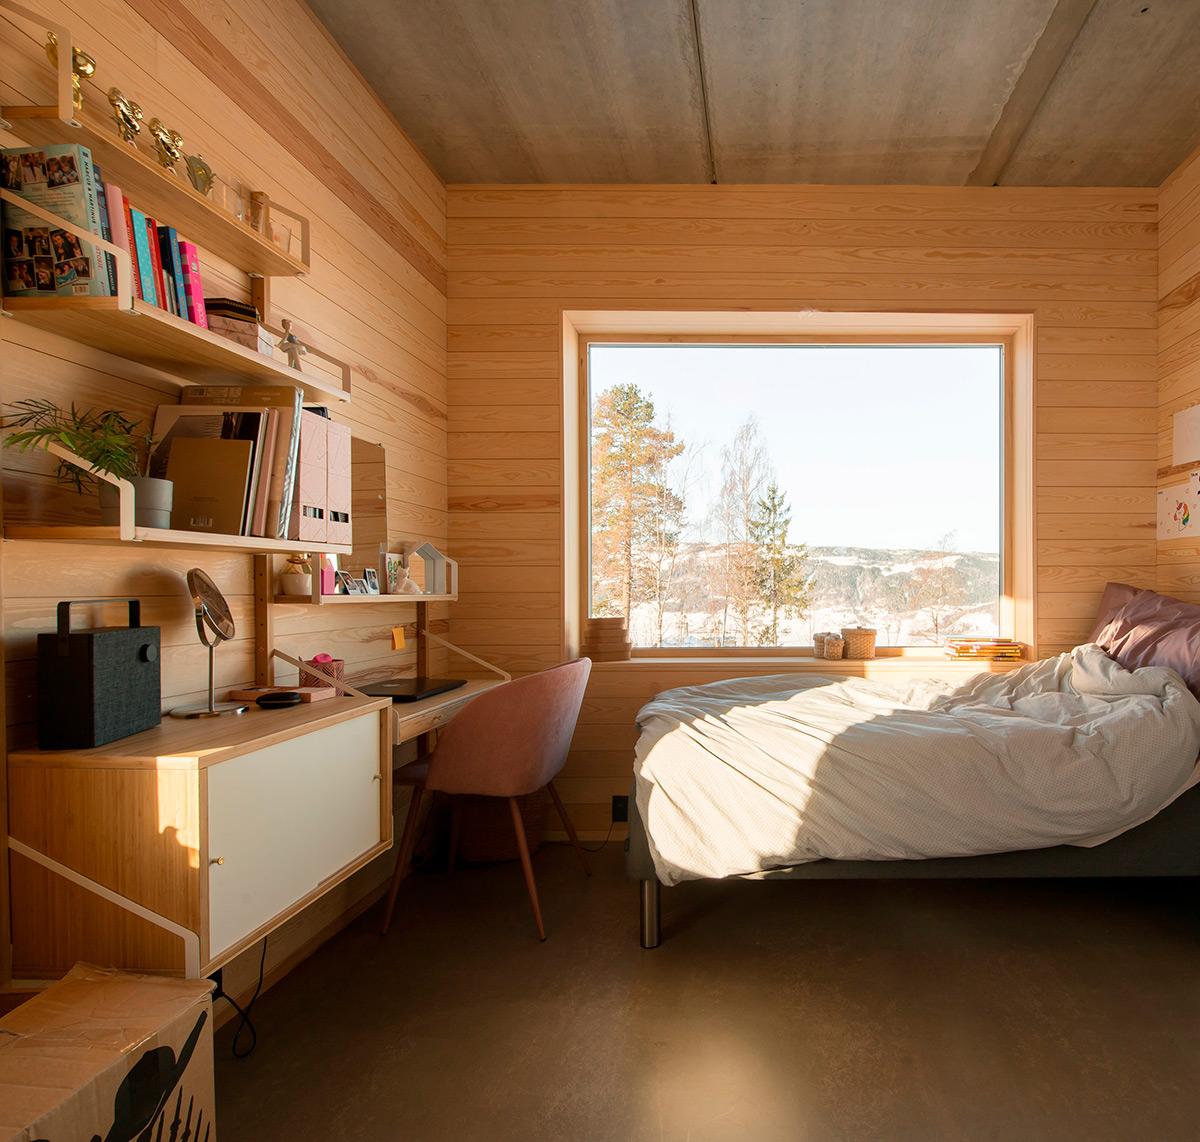 House-in-Red-Concrete-Sanden-Hodnekvam-Arkitekter-05